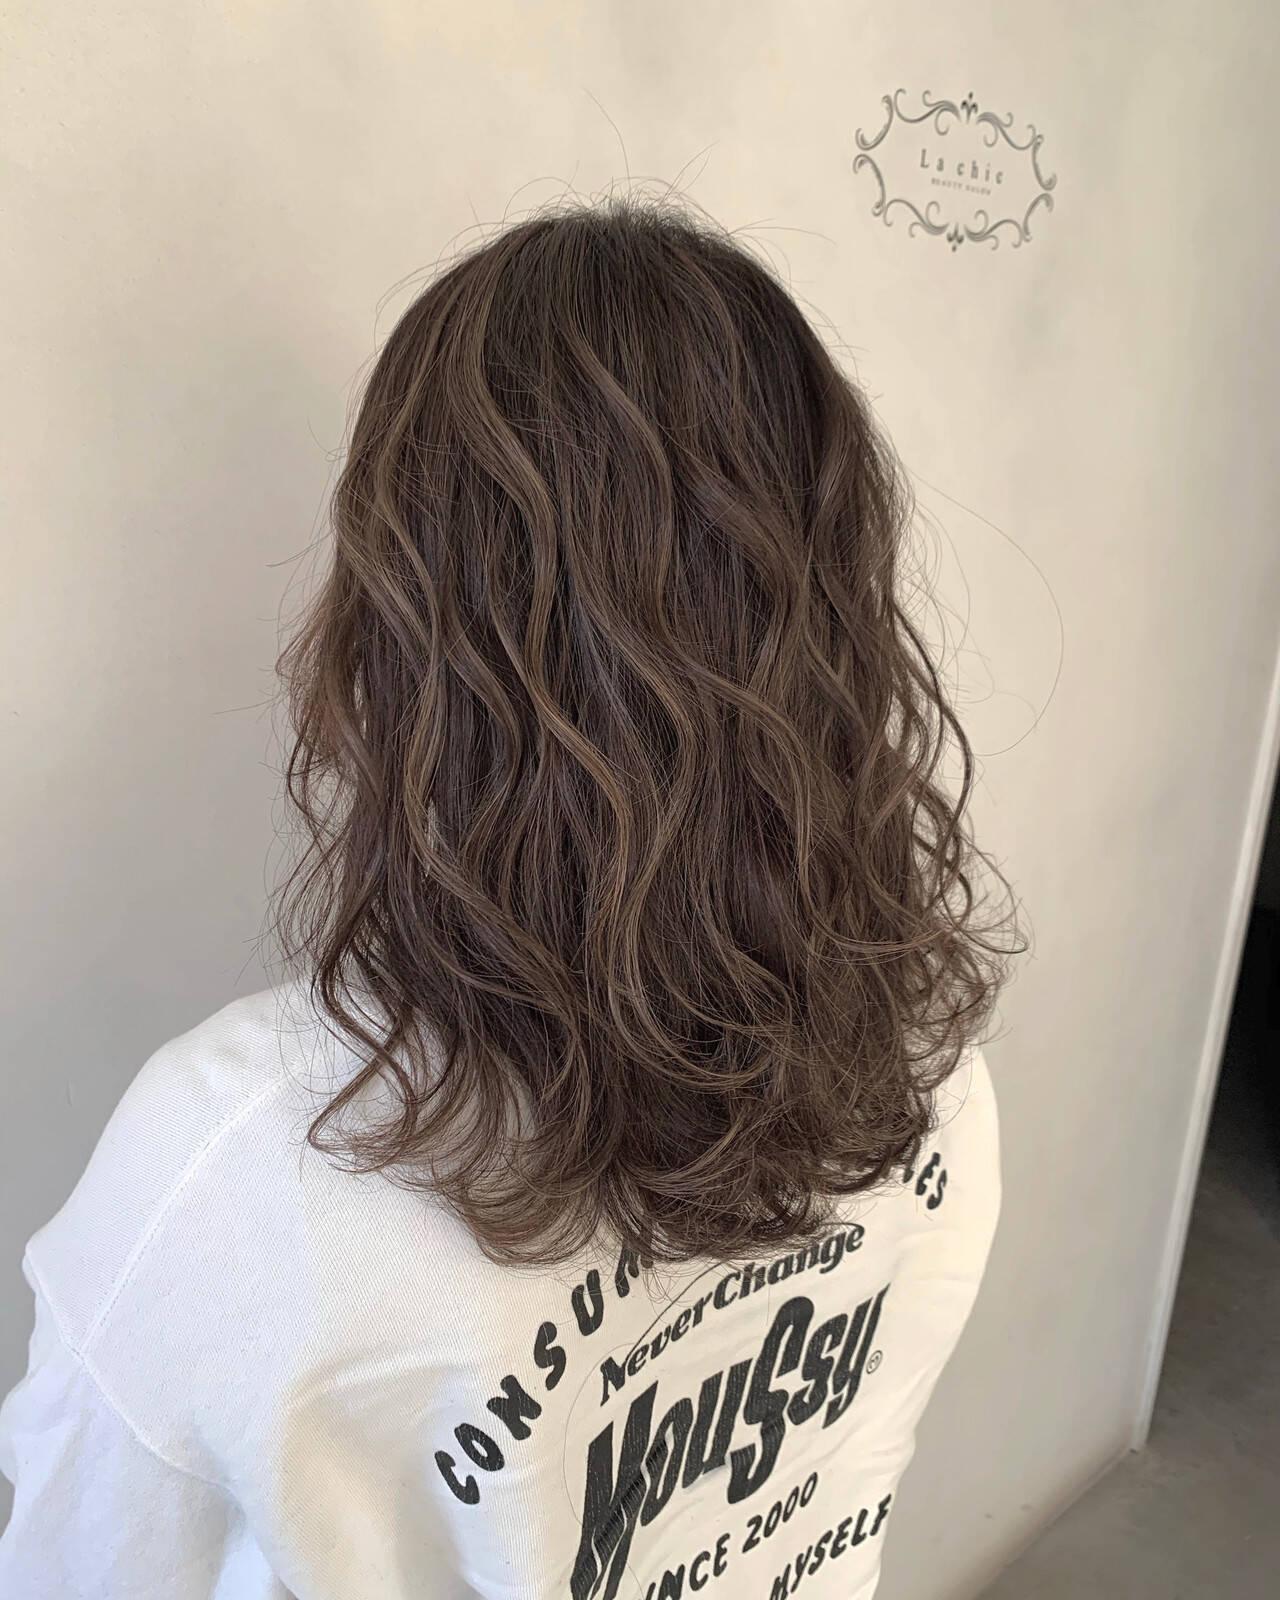 セミロング バレイヤージュ エレガント ハイライトヘアスタイルや髪型の写真・画像